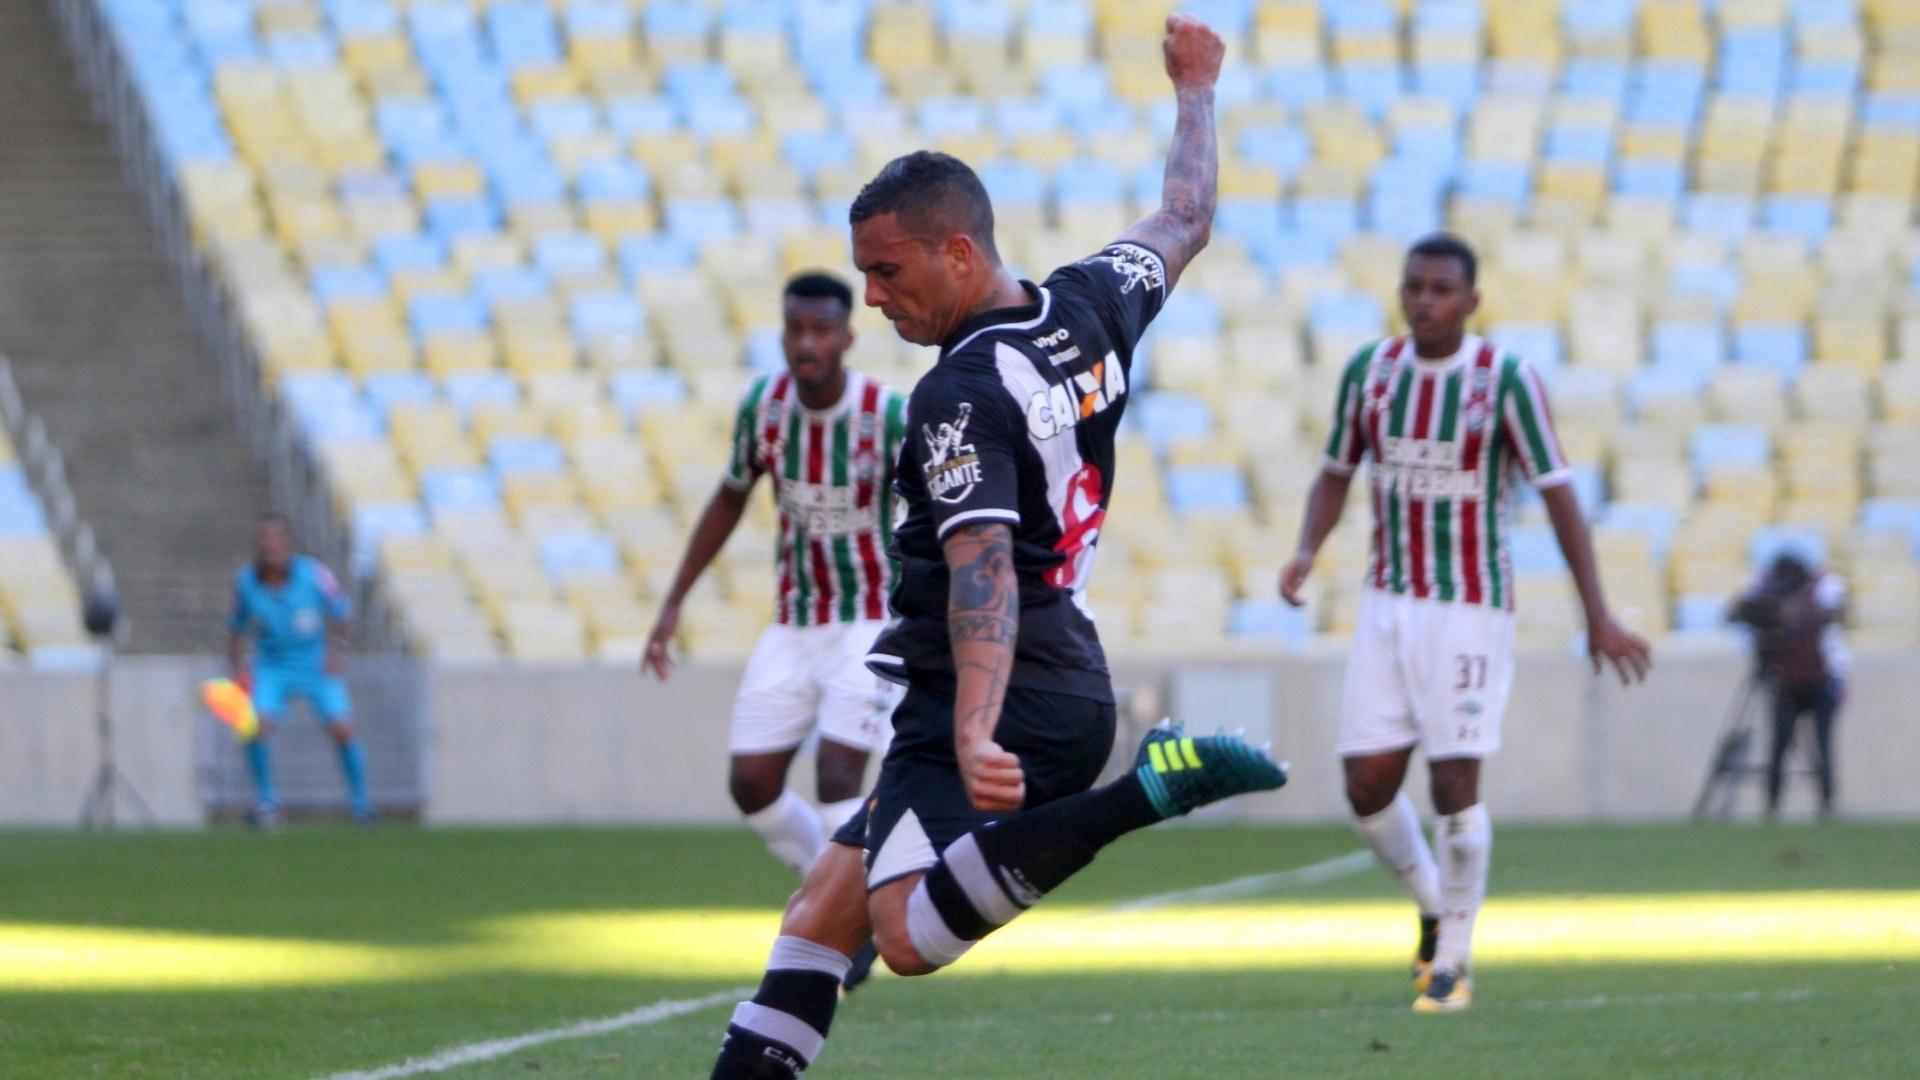 Ramon chuta para abrir o placar pelo Vasco contra o Fluminense